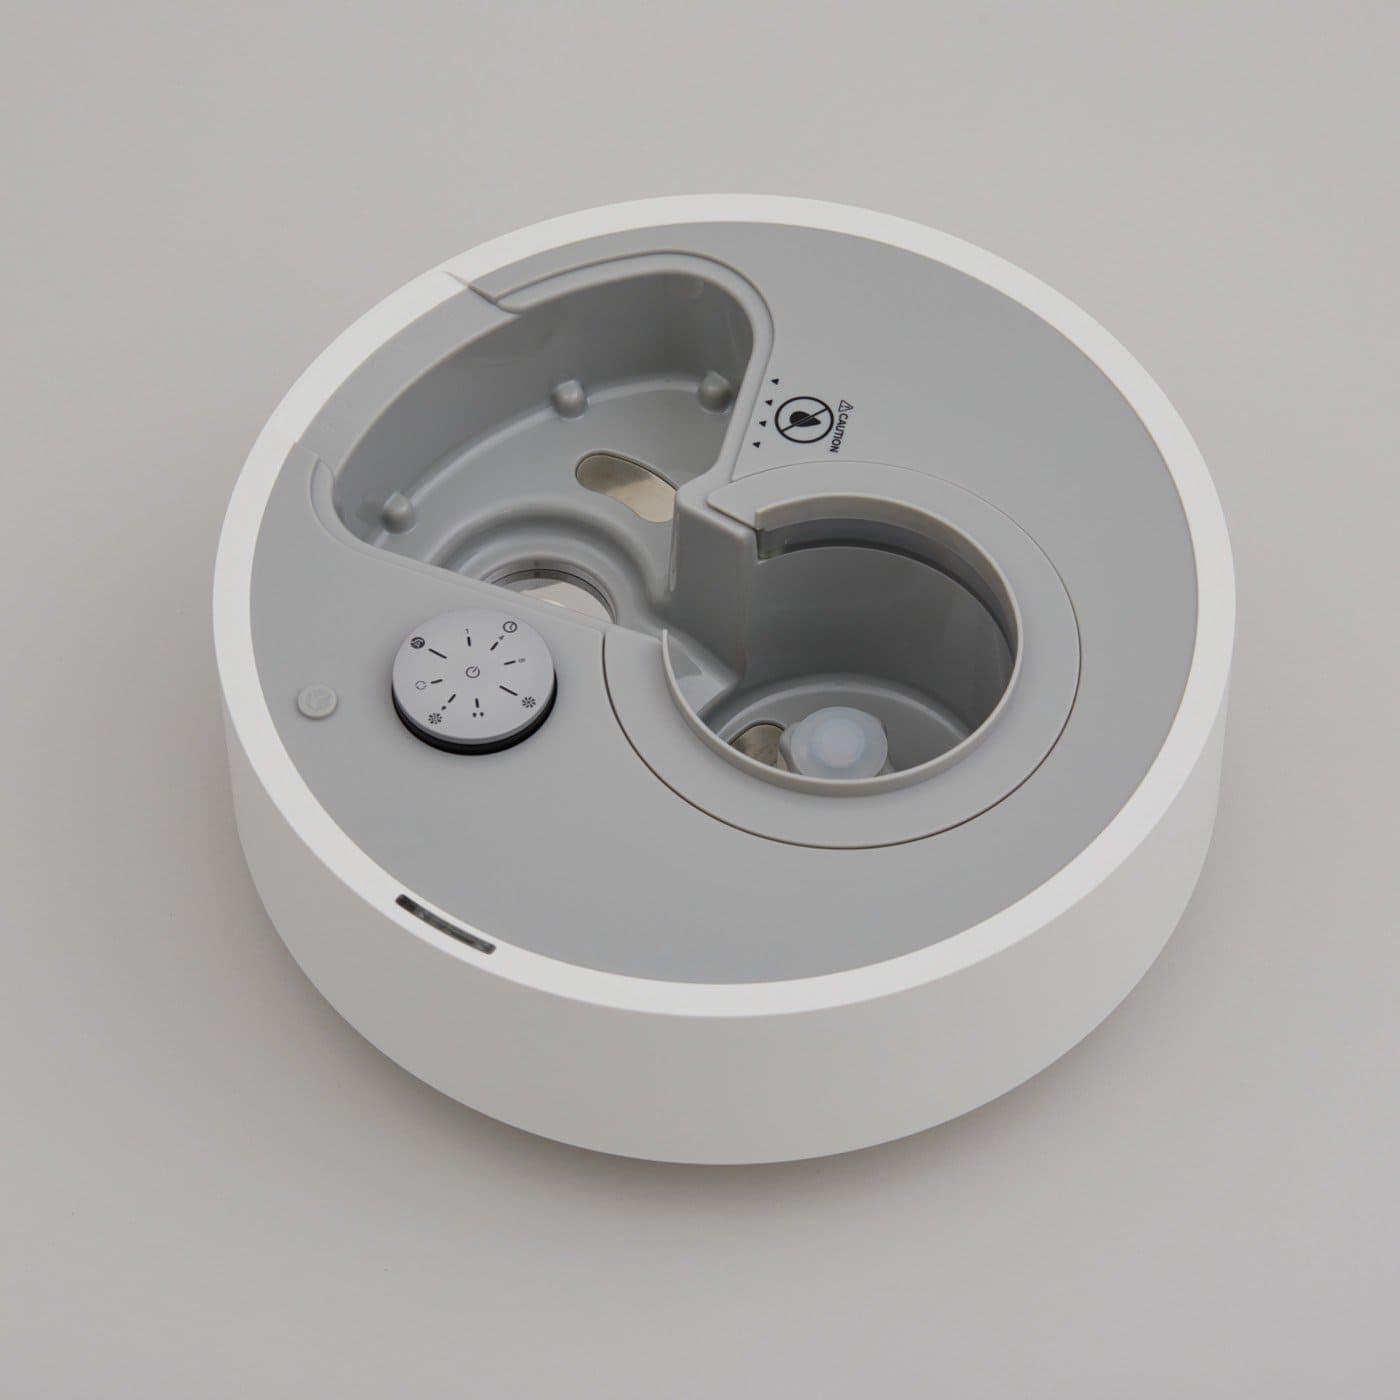 【正規販売店】cado カドー 加湿器 STEM 630i HM-C630i